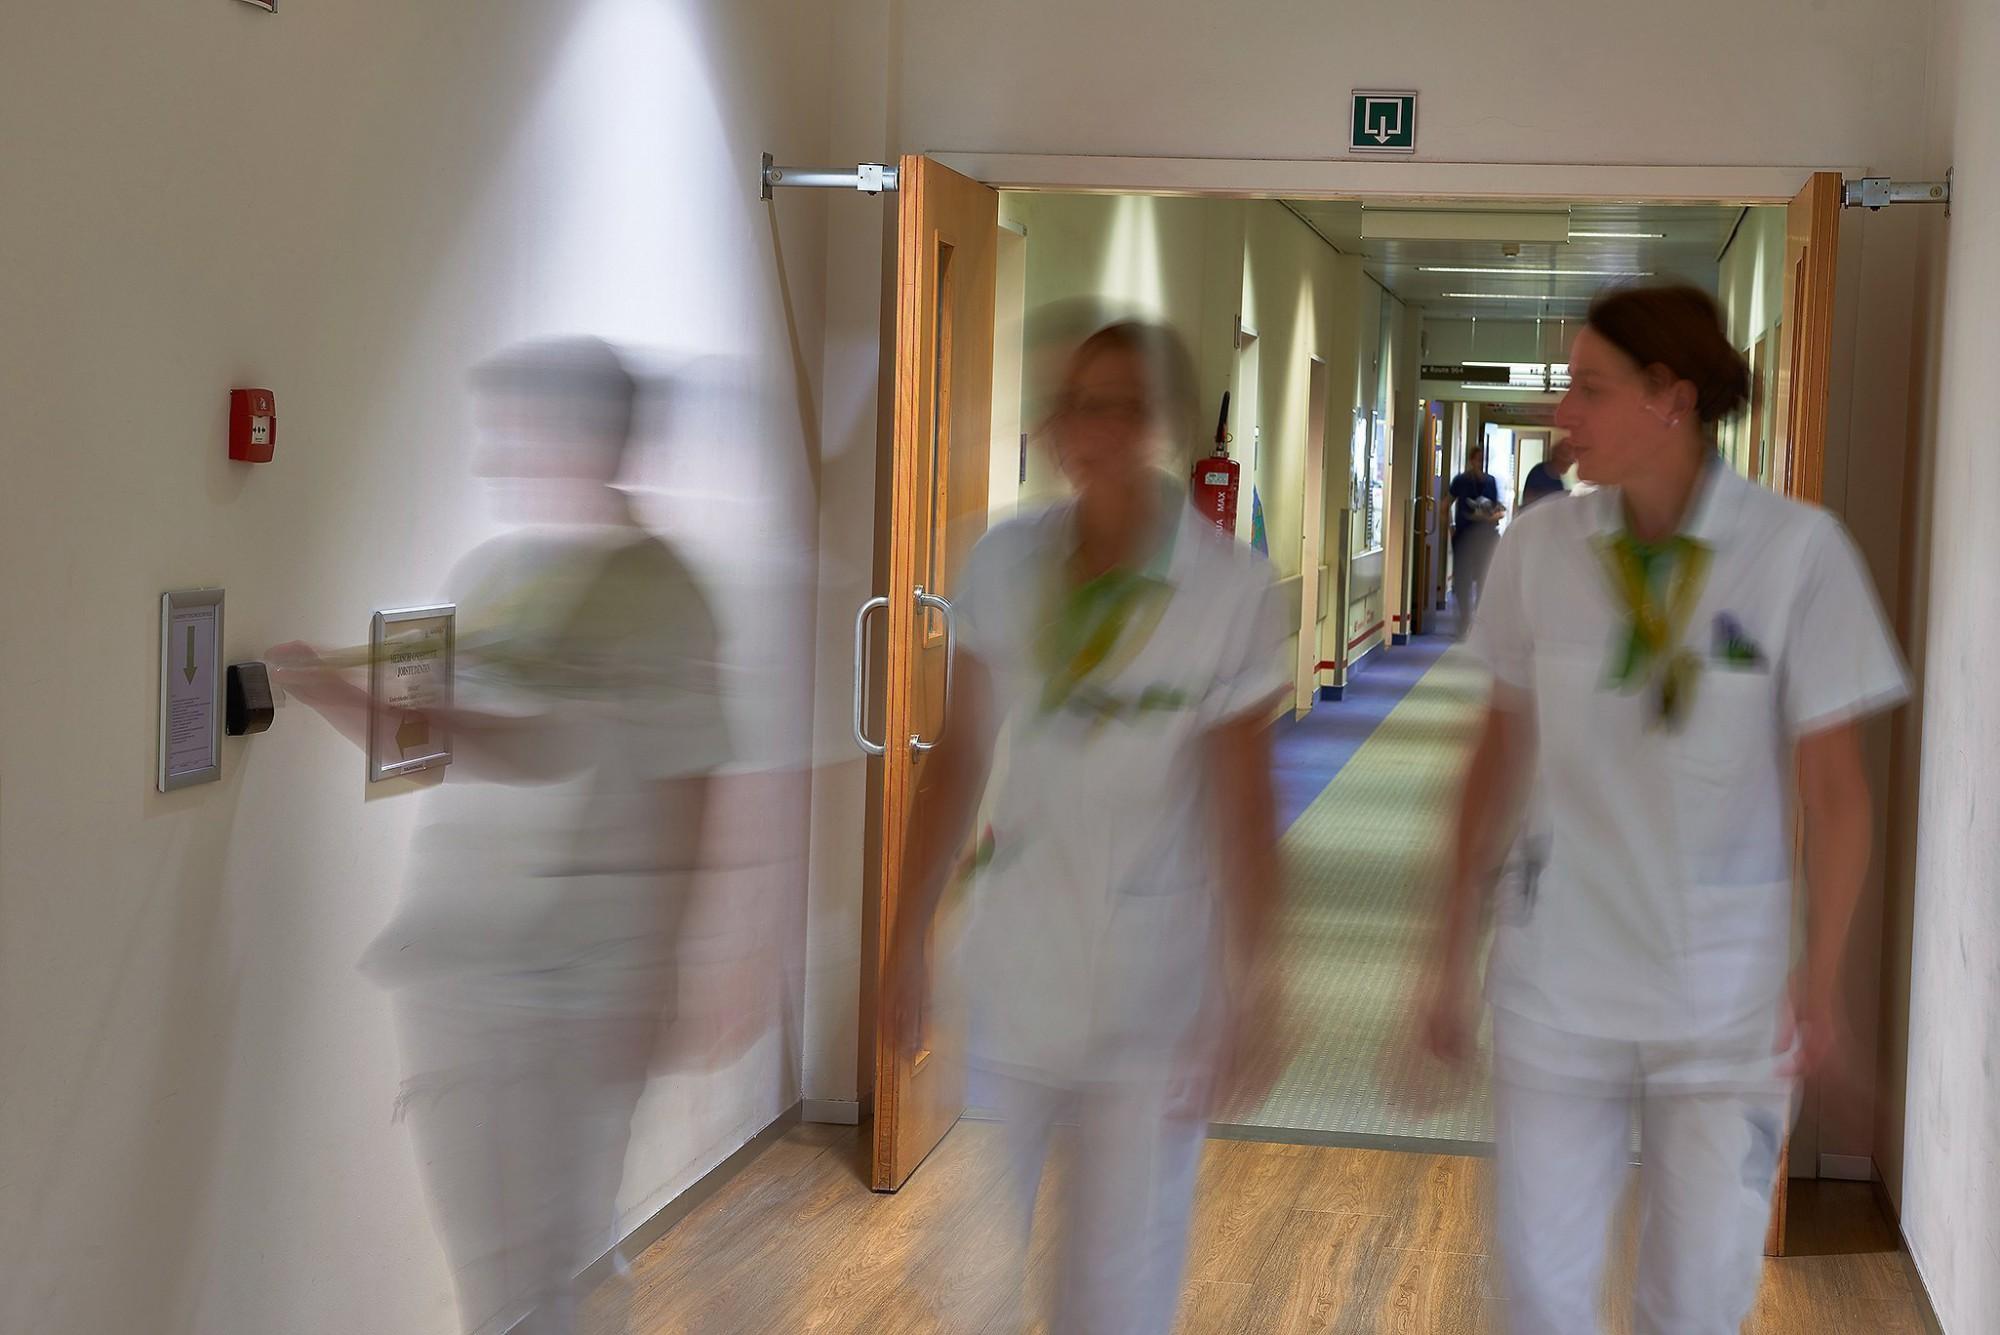 Afbeelding: Fotografie technieken in hospitalen voor GET, locatie fotografie Leuven.Bedrijfsreportages met een meerwaarden.